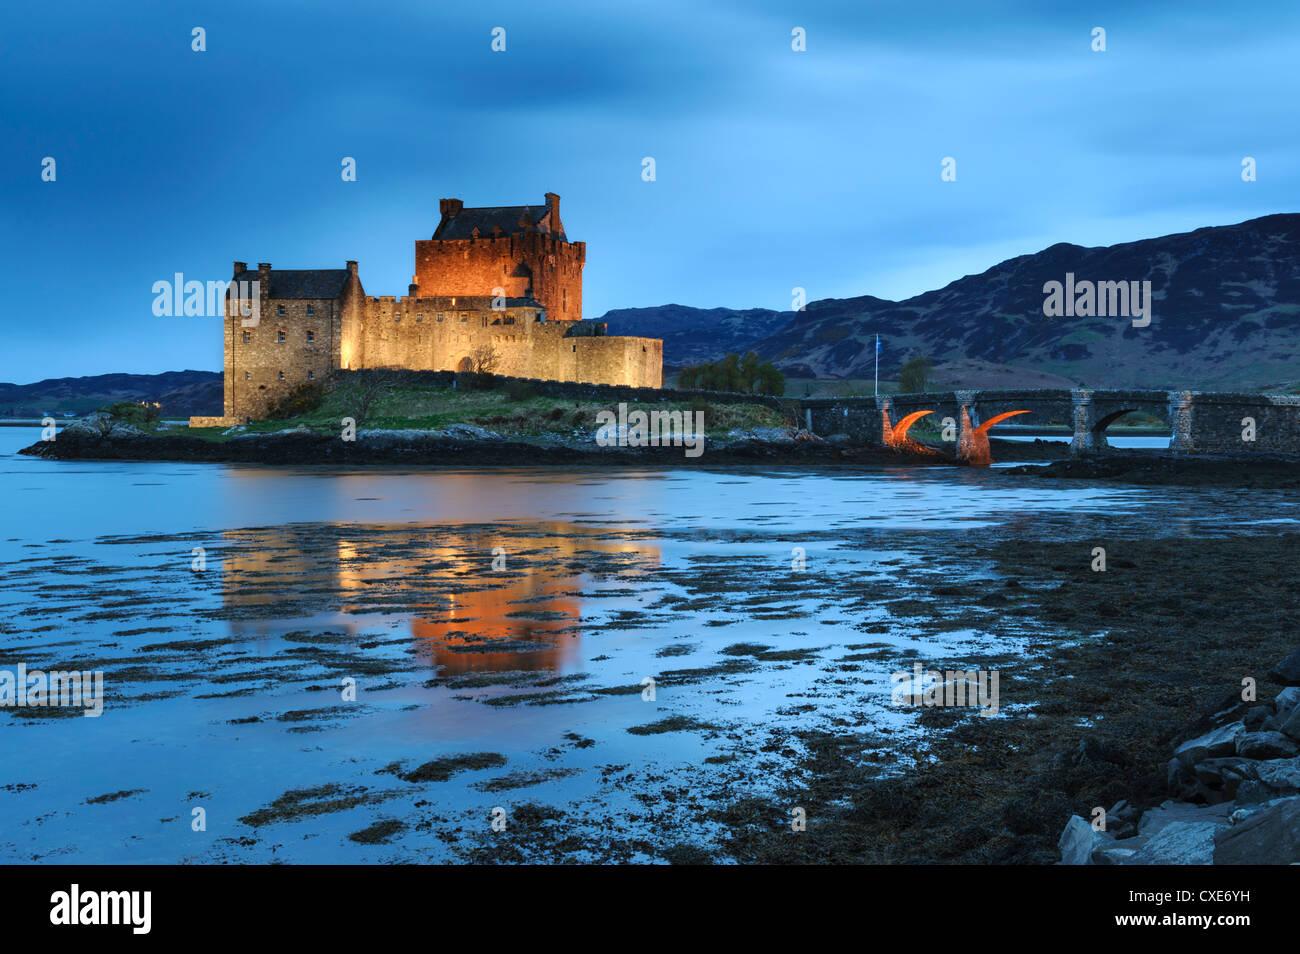 Eilean Donan (Eilean Donnan) Castle illuminated at dusk, Dornie, Loch Duich, Highlands Region, Scotland - Stock Image